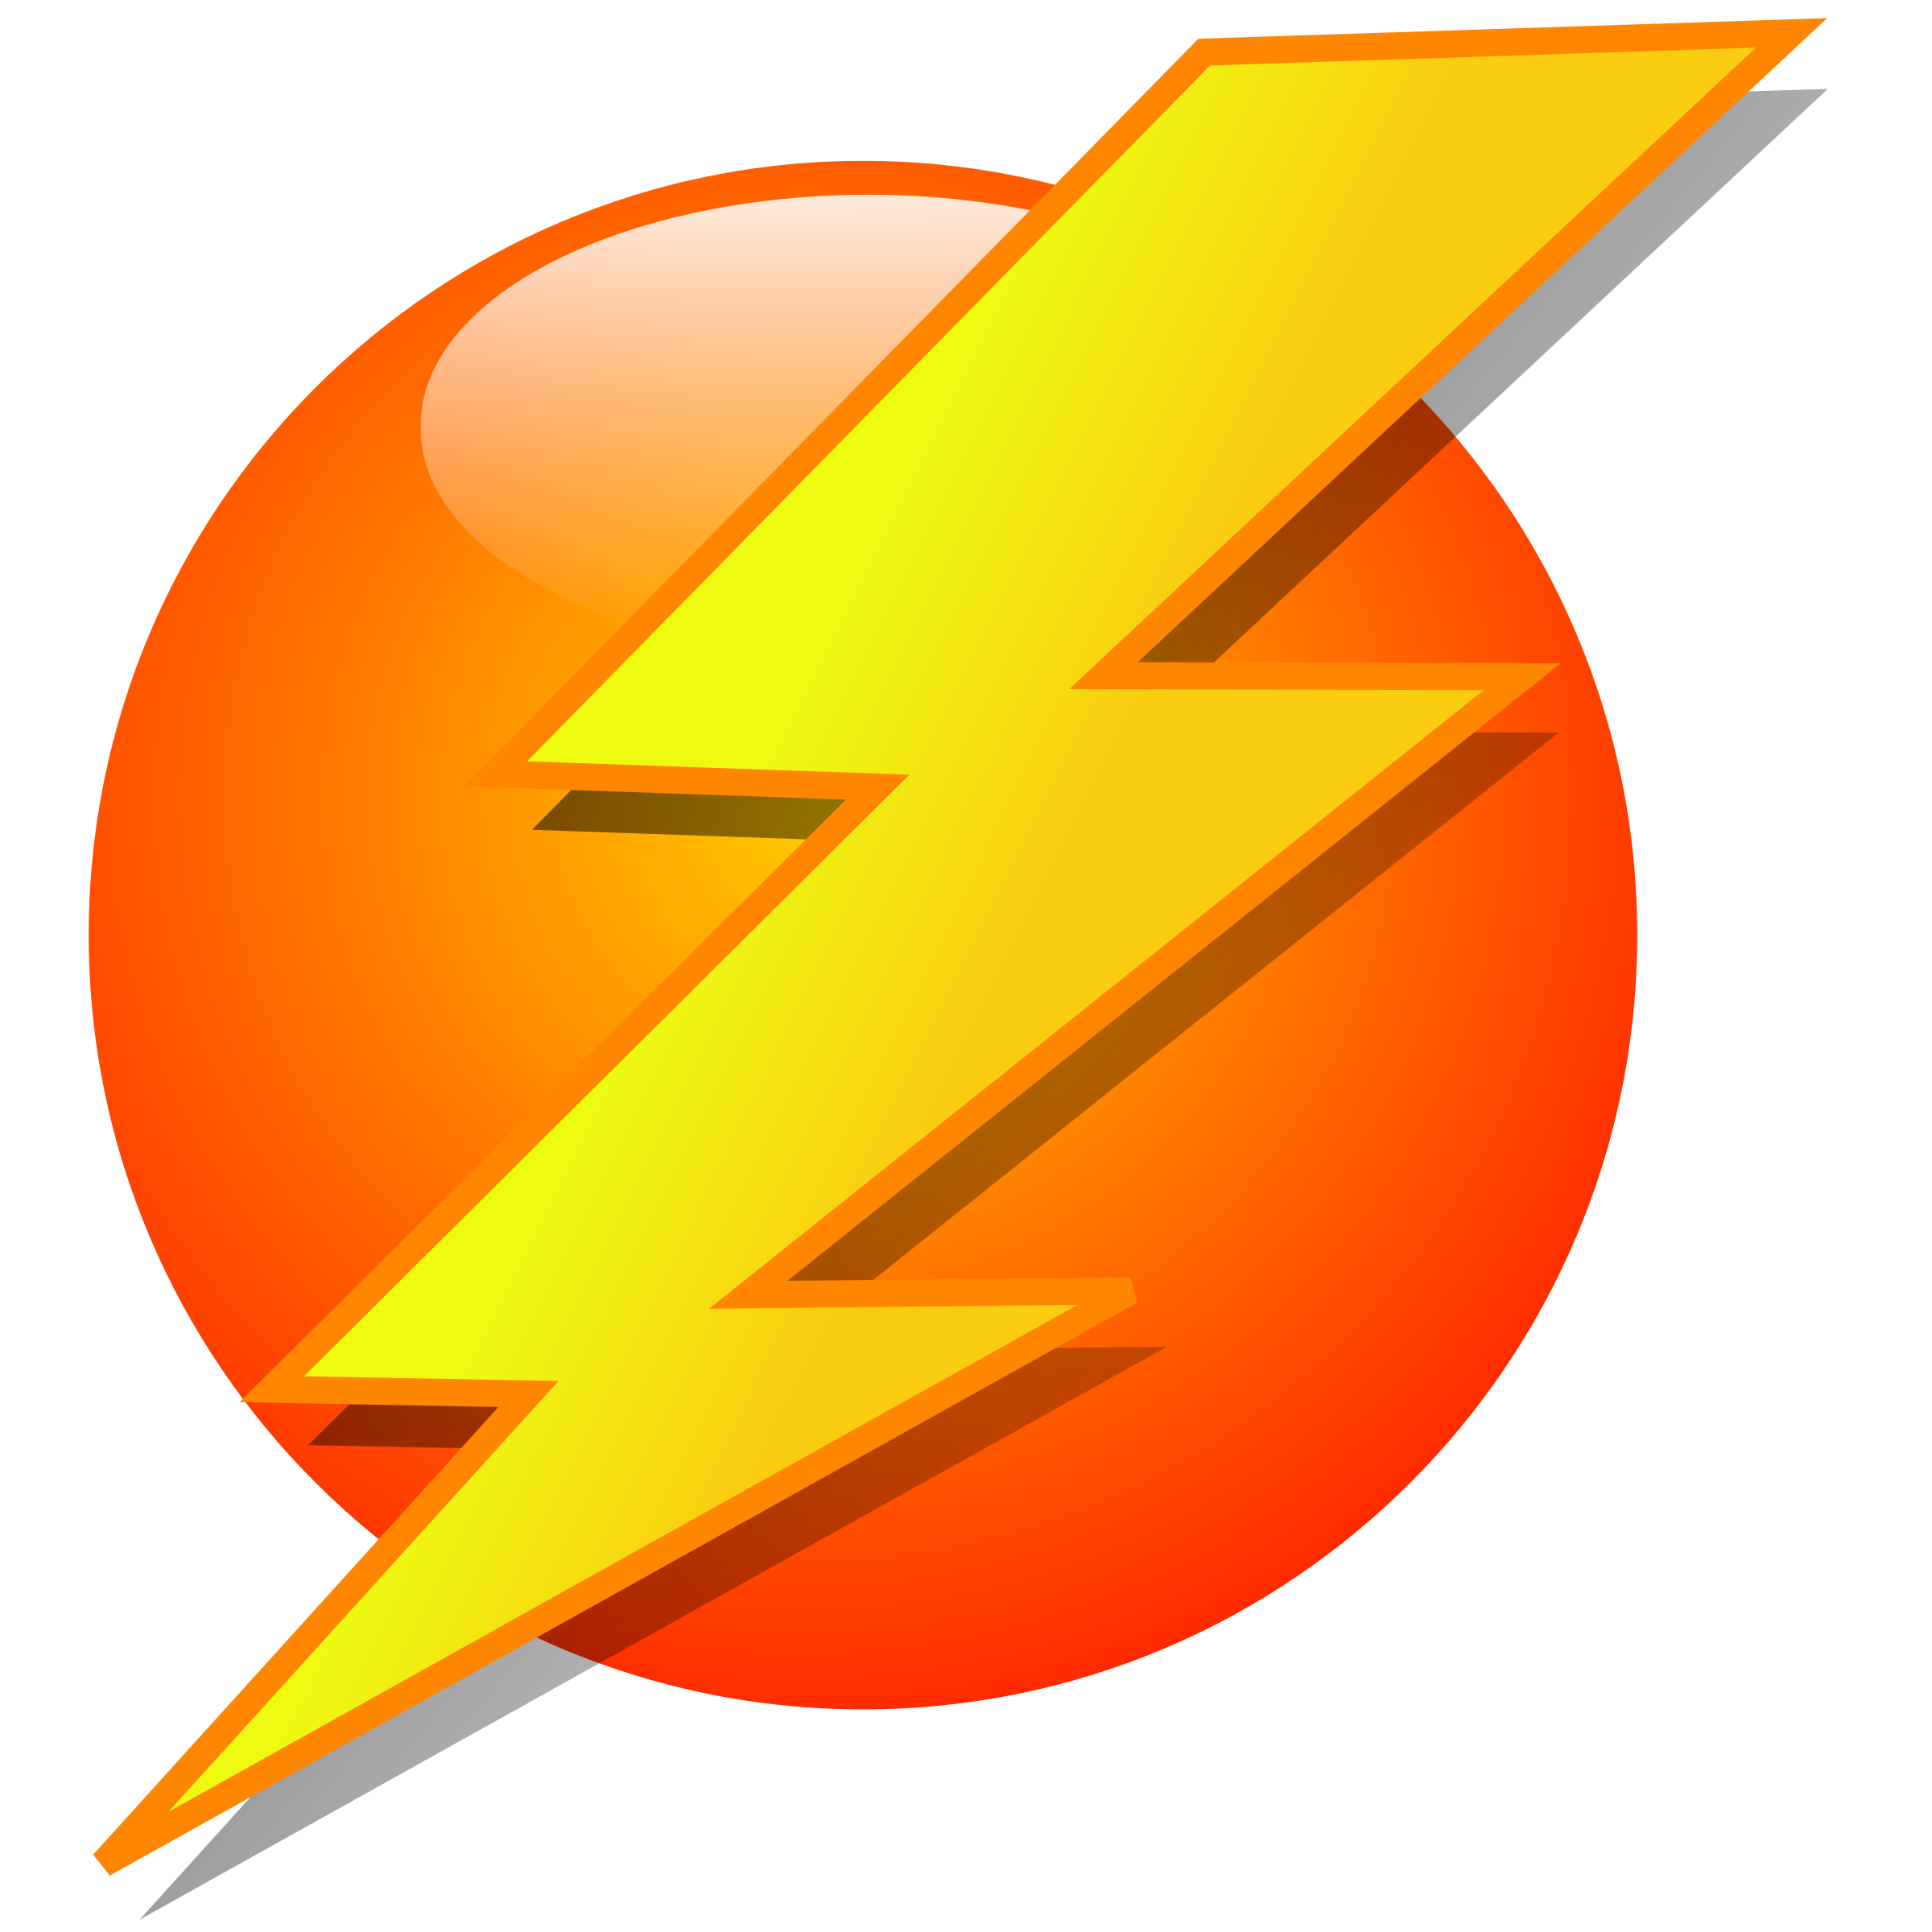 Lightning Clip Art - Lightning Clipart